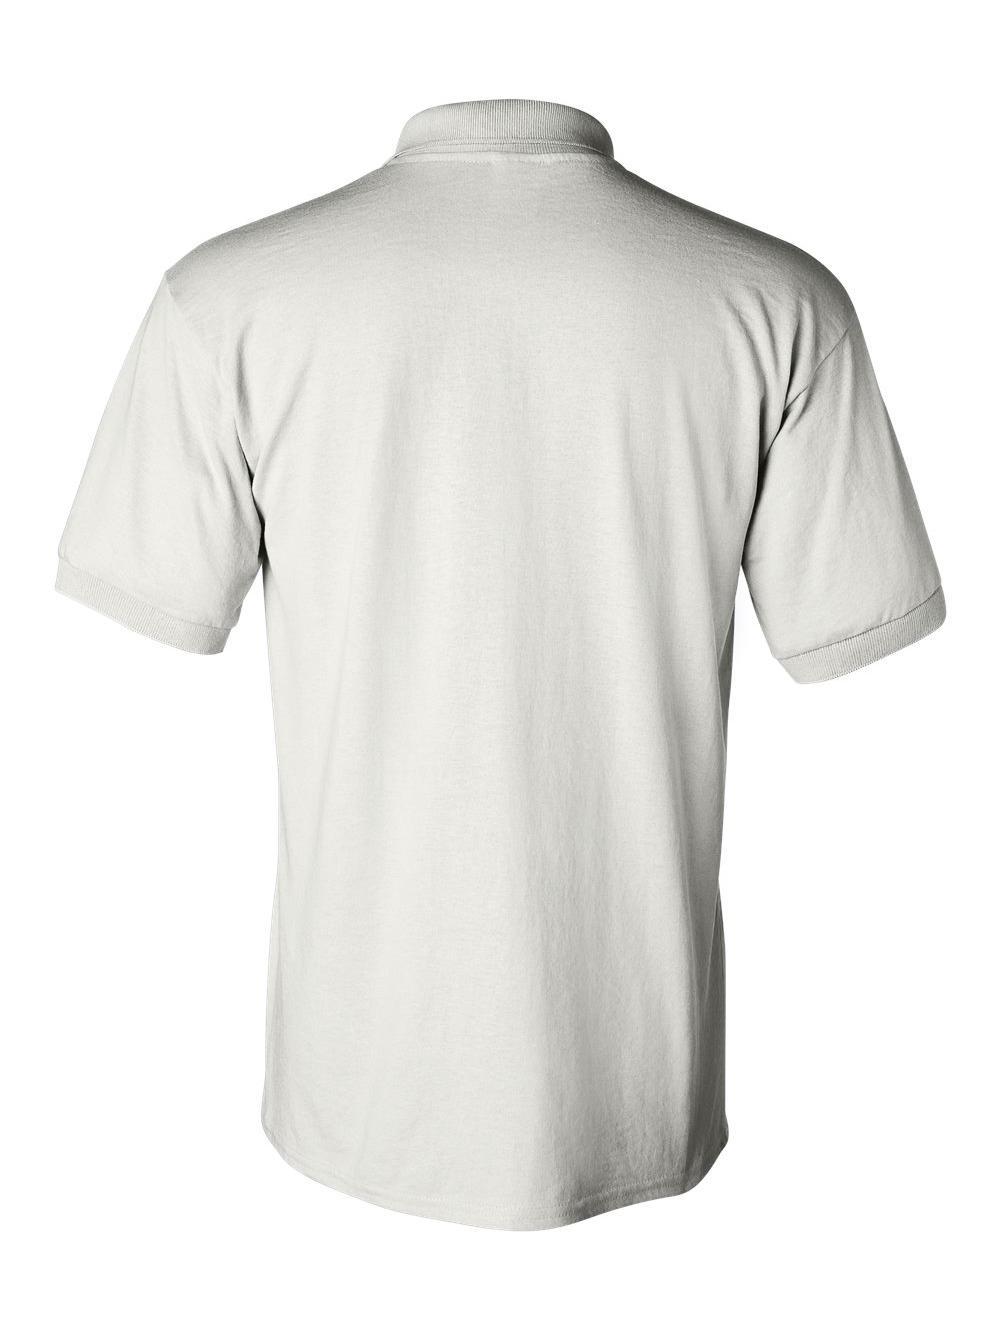 Gildan-DryBlend-Jersey-Sport-Shirt-8800 thumbnail 82